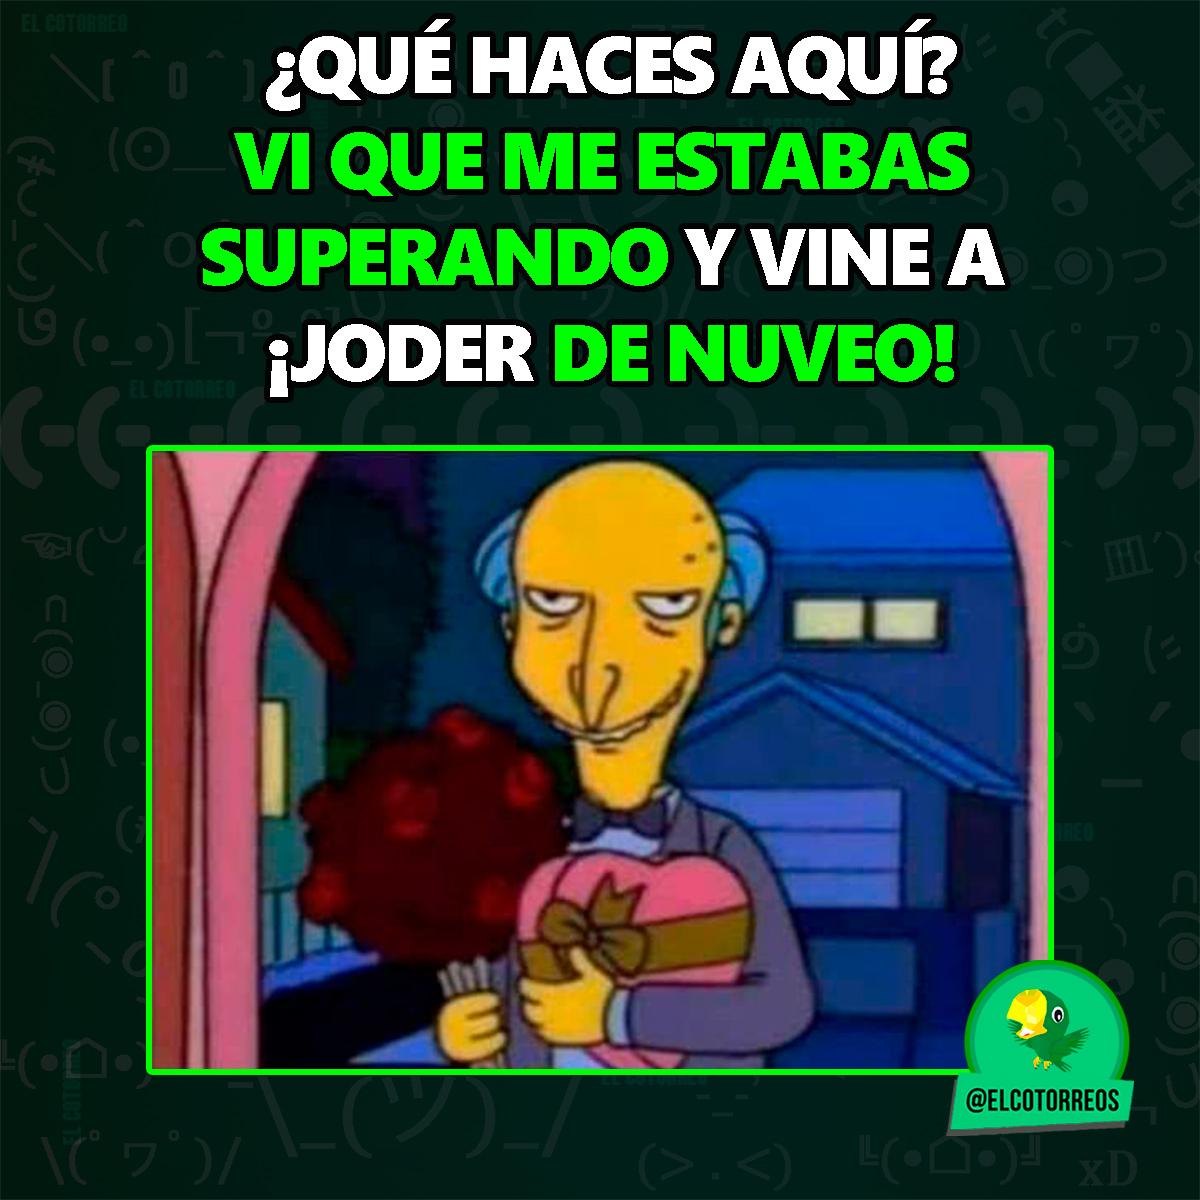 Sígueme  para mucho mas: @elcotorreos  #memesespañol #momazos #momazo #memazos #momo #momos #memes #meme #humor #sdlg #momossad #momos_4k #repoio #cmamo #cmamut #chistes #gracioso #funnymemes #memes#lmao #memesdailypic.twitter.com/kT9WzJcZBx